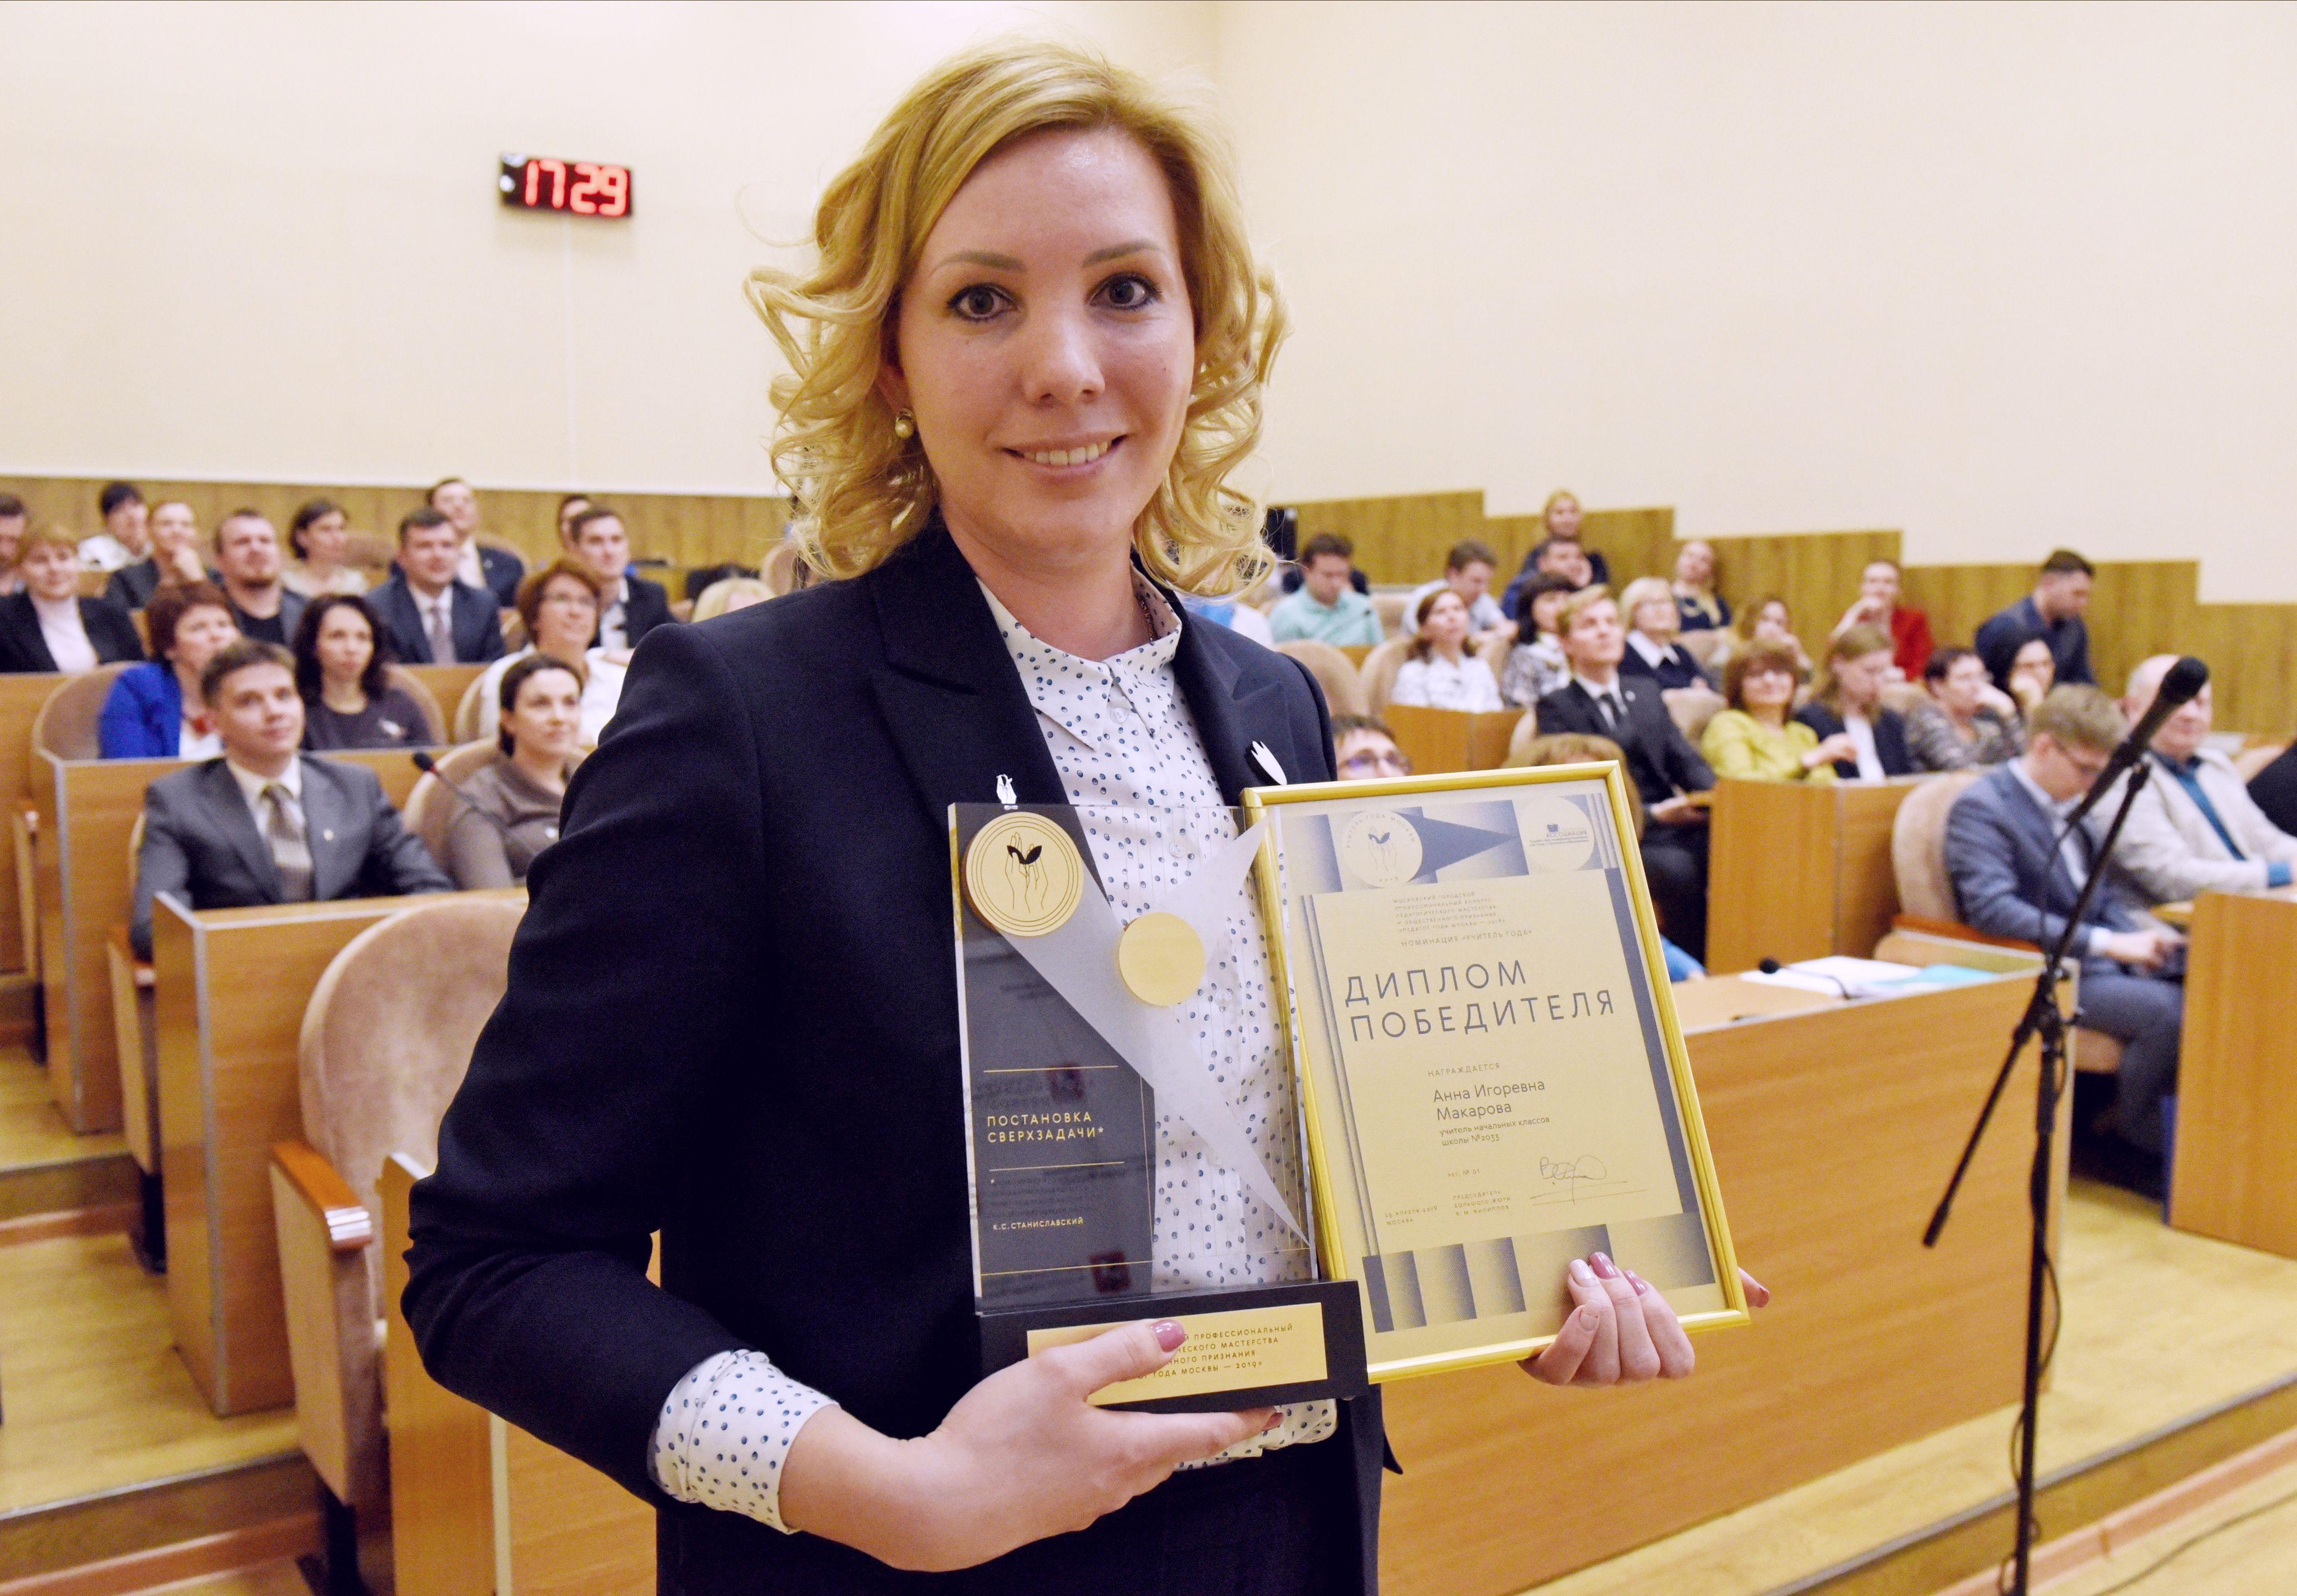 Жюри конкурса «Учителя года Москвы» выберет лучших педагогов